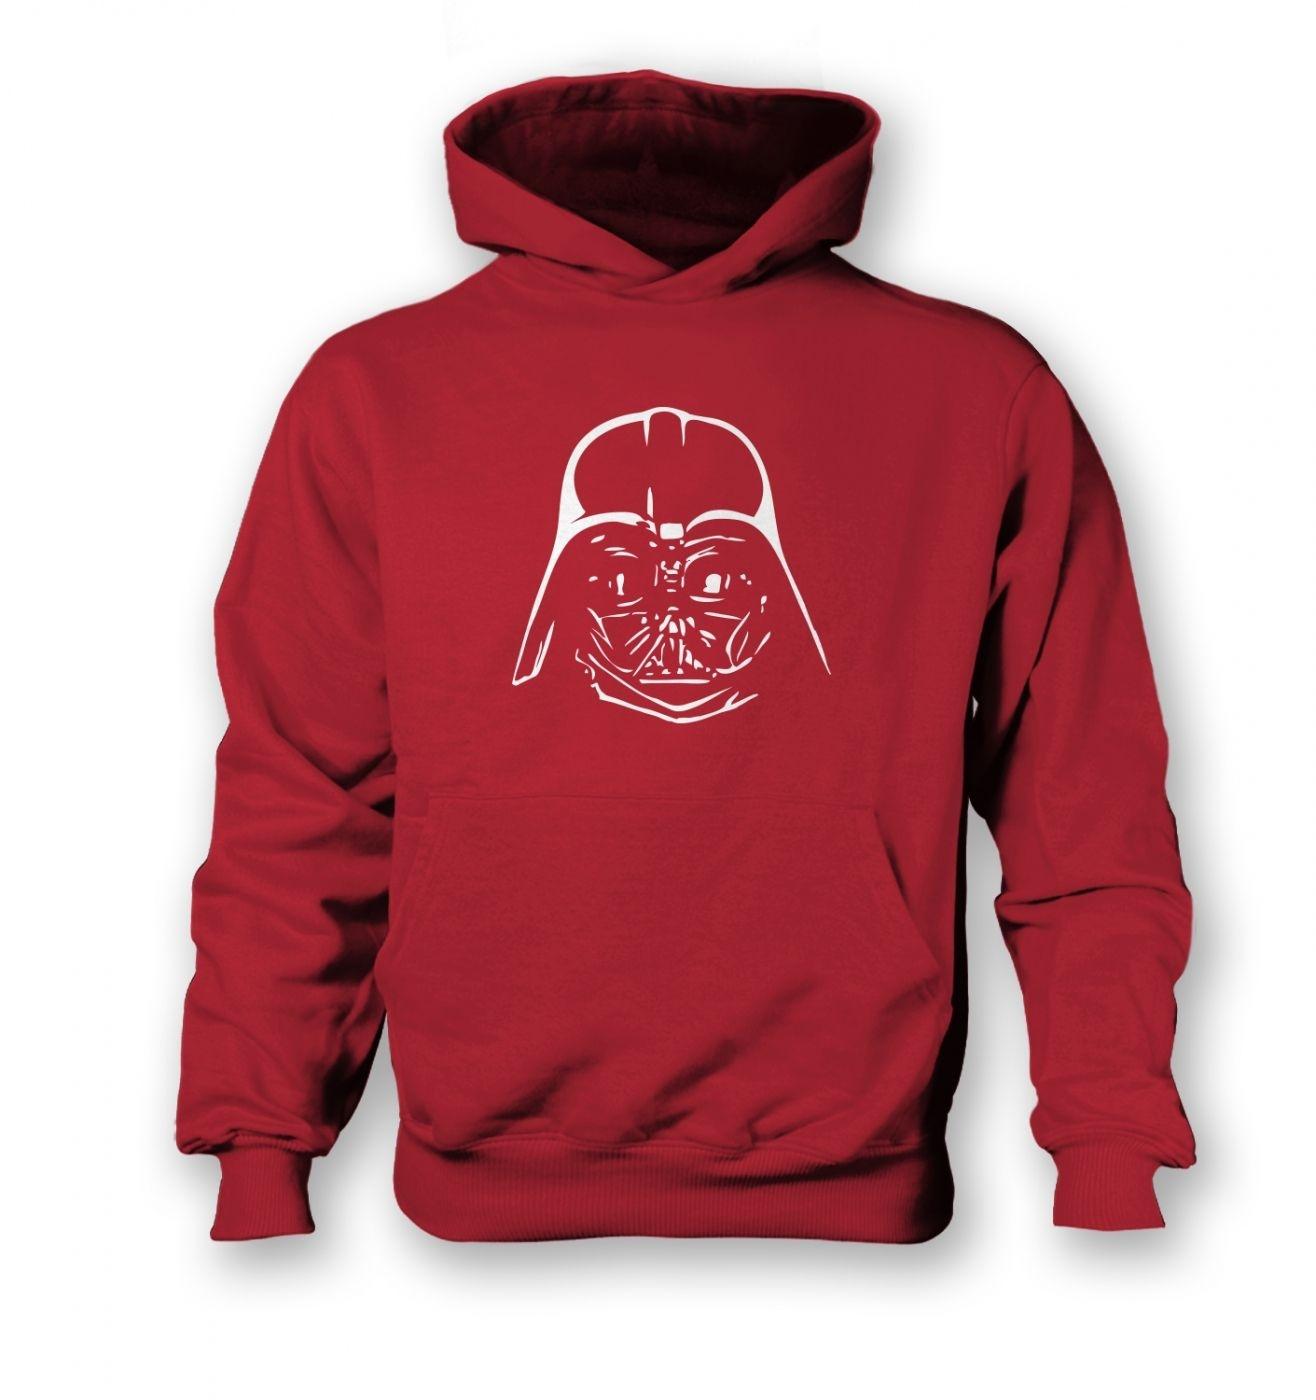 Dark Lord Helmet kids hoodie  - Inspired by Star Wars